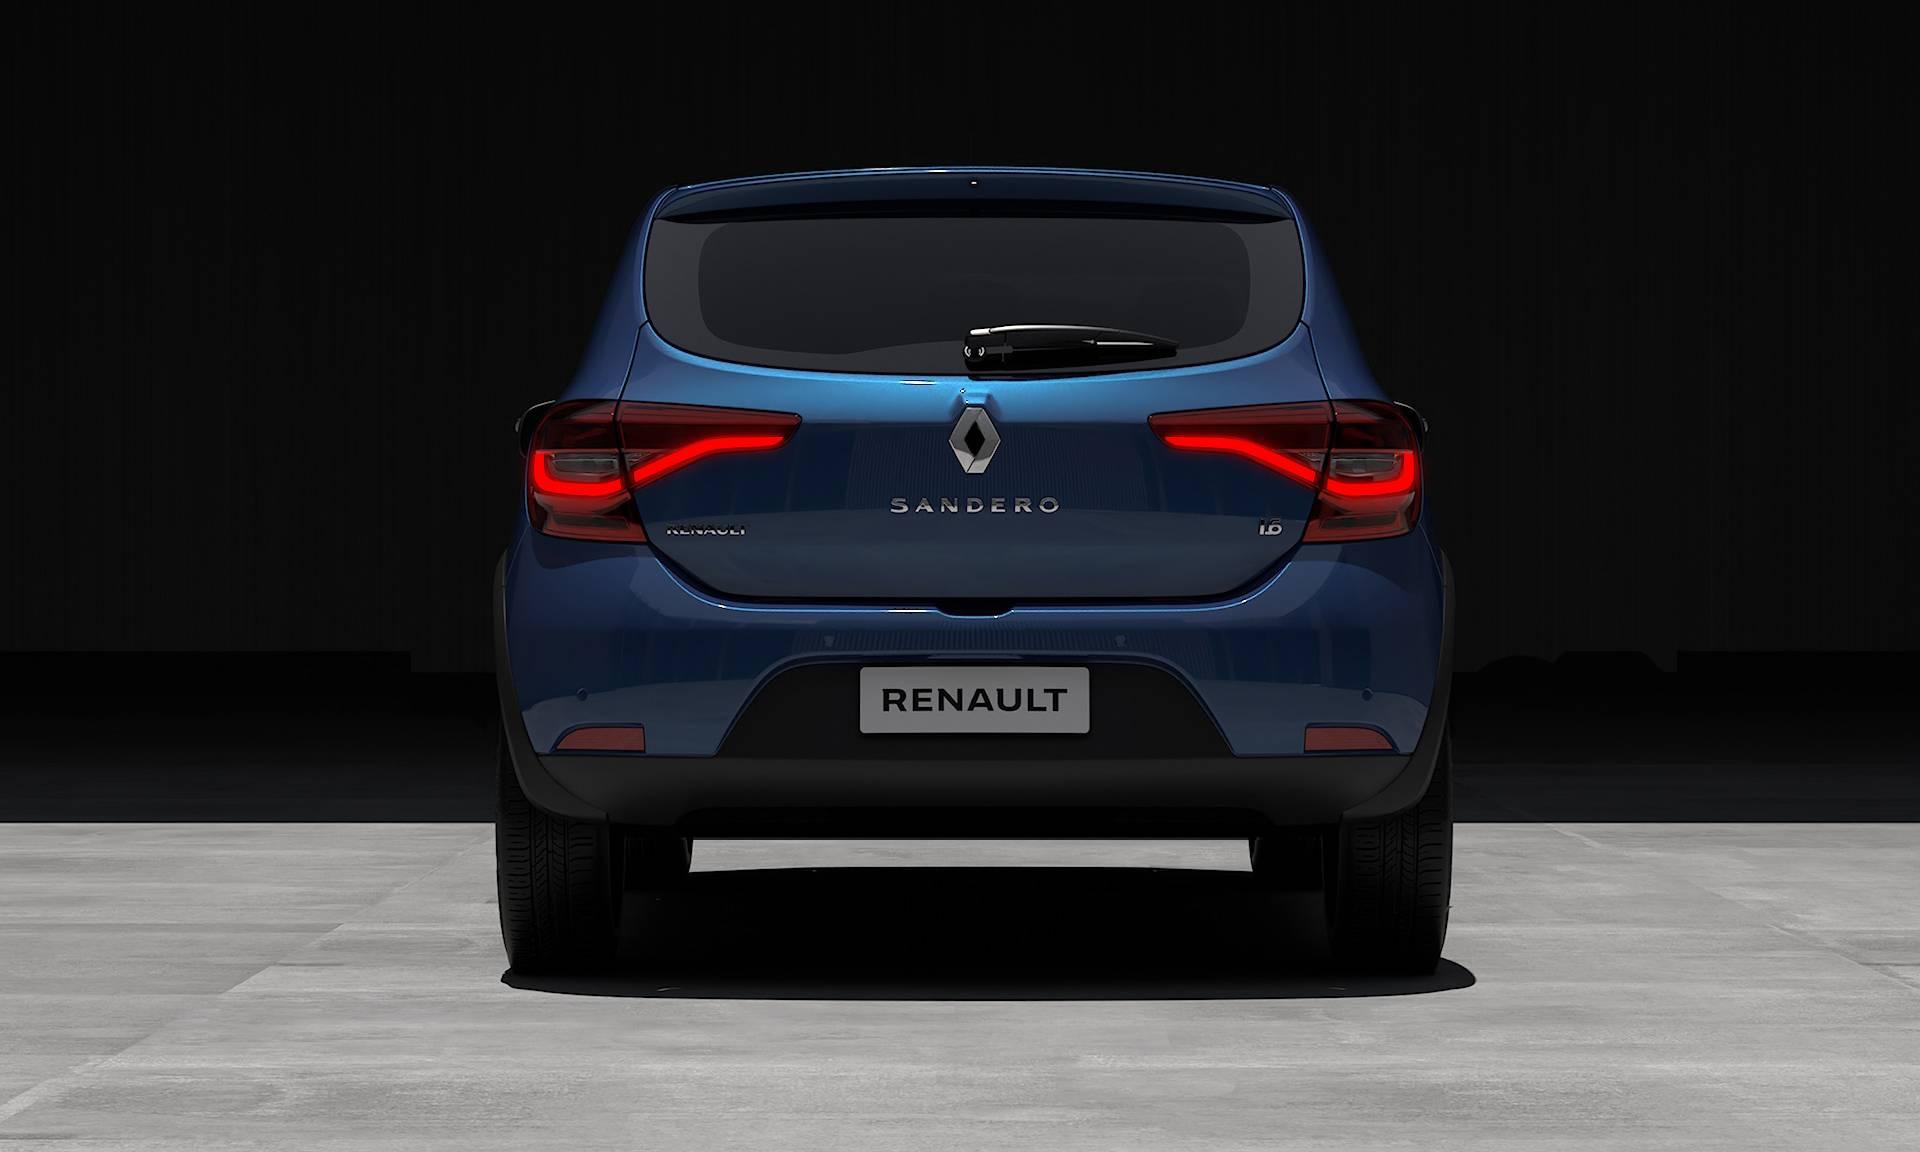 Lanternas com iluminação em led e inspiração na nova assinatura da Renault na Europa. Foto: Renault/ Divulgação